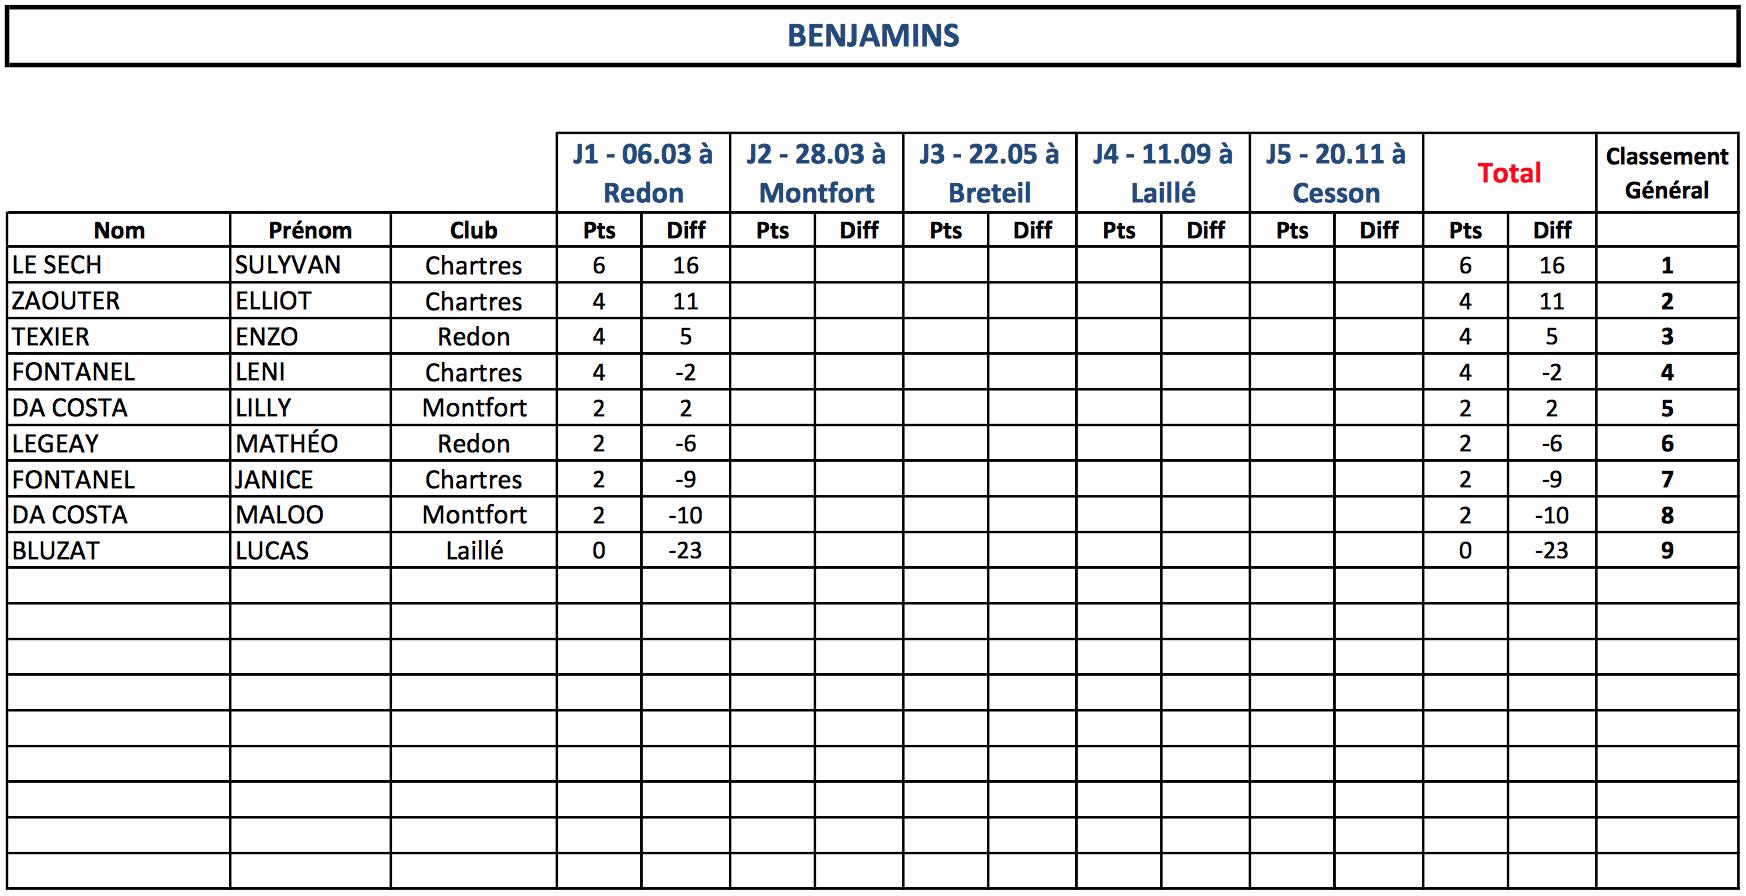 Classement Benjamins